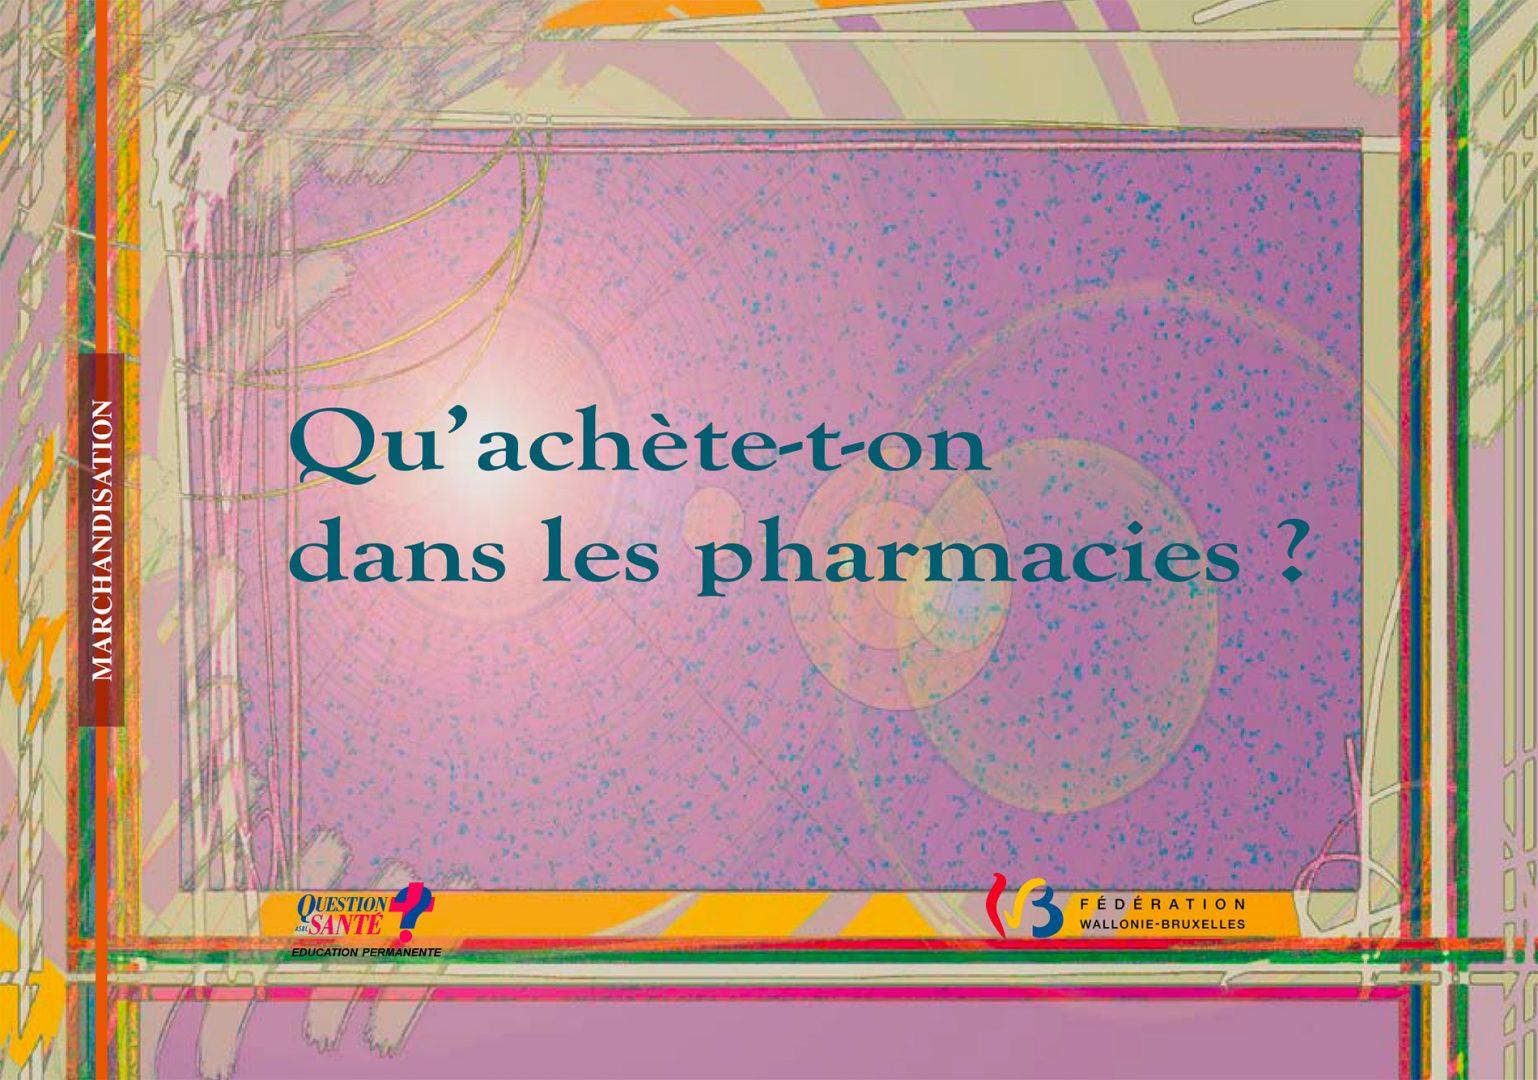 20110510 Img Achetepharmacies Bd Vf